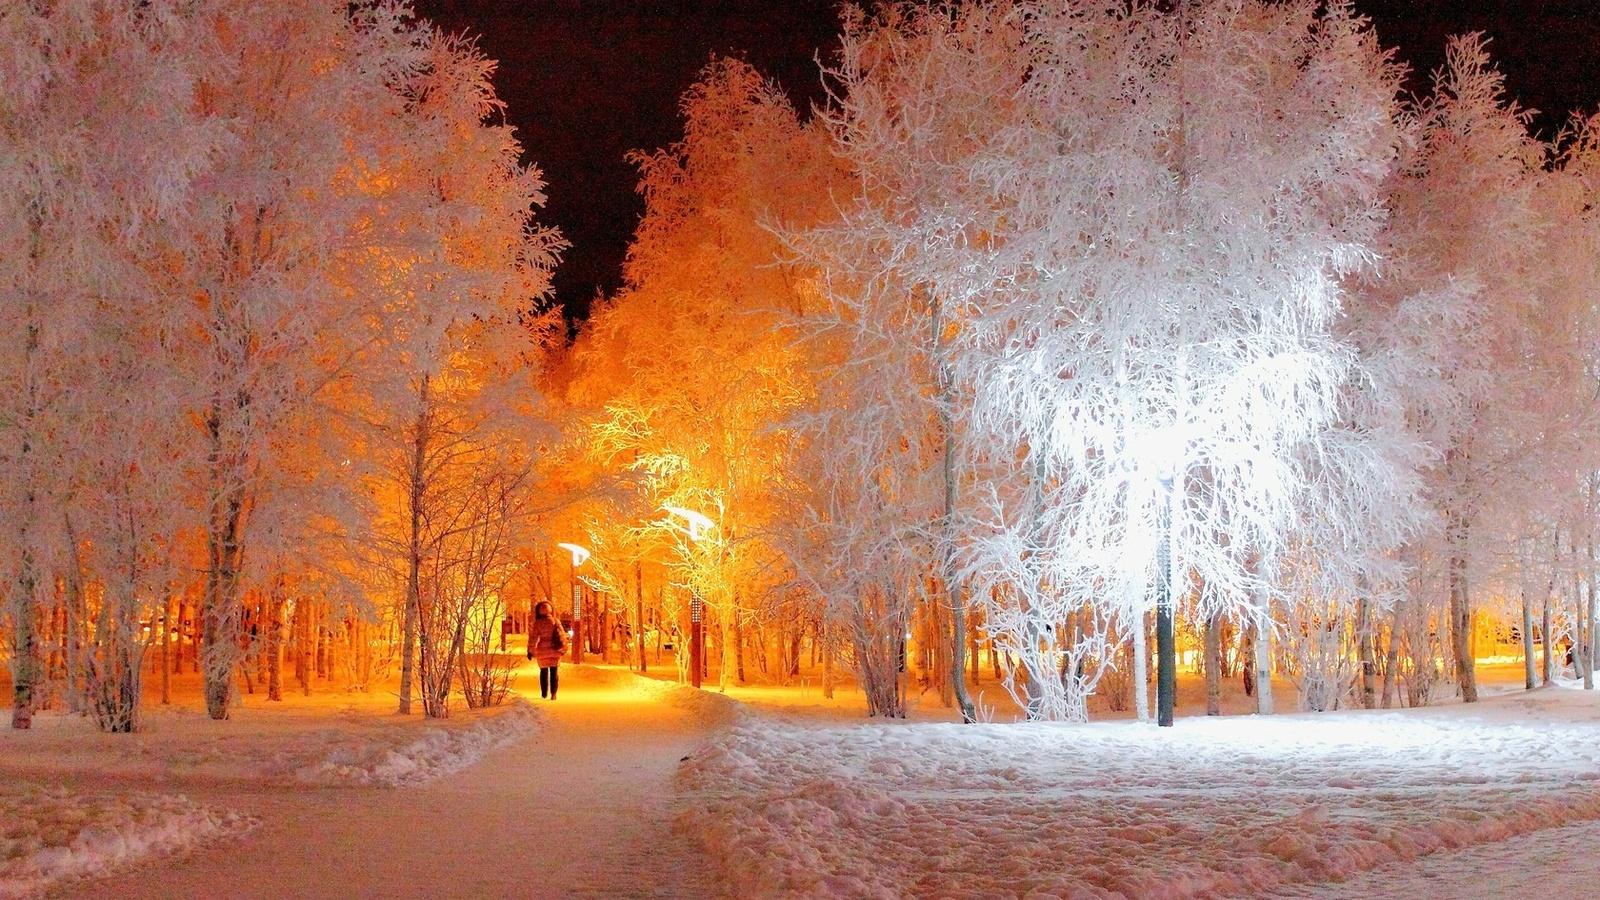 деревья, ночь, иней, зима, парк, фонарь